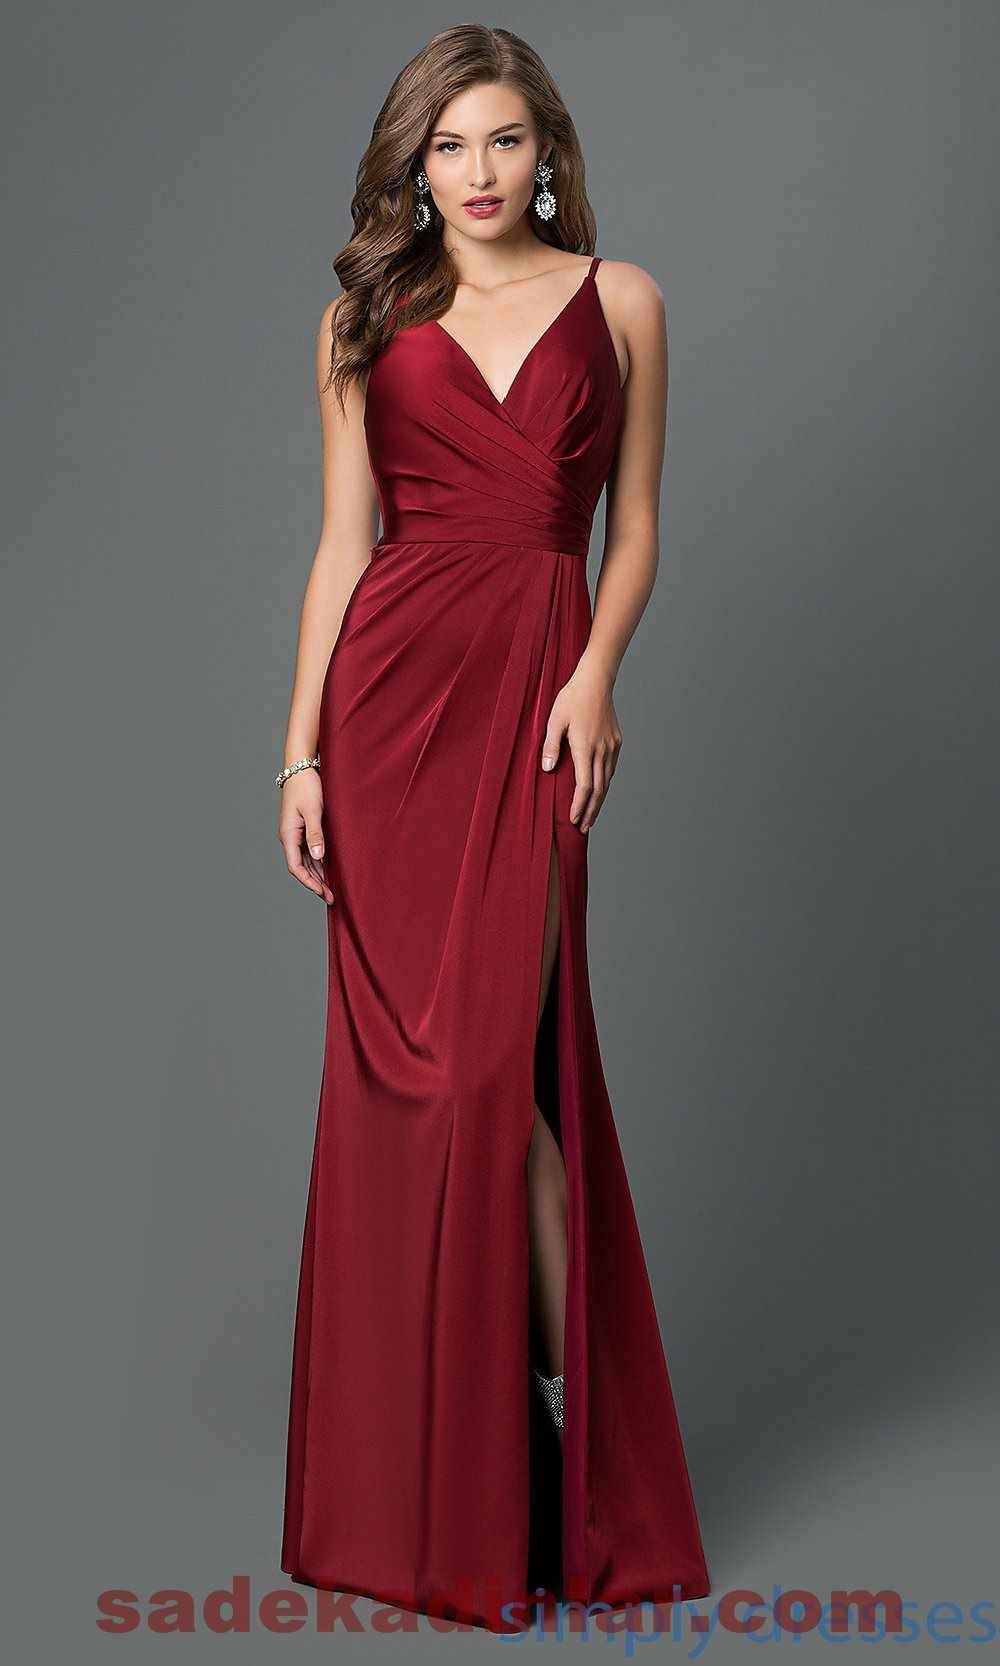 a2395587895a0 İşte Sizler için seçtiğimiz yeni moda en şık 2018 abiye modelleri ve seksi gece  elbiseleri